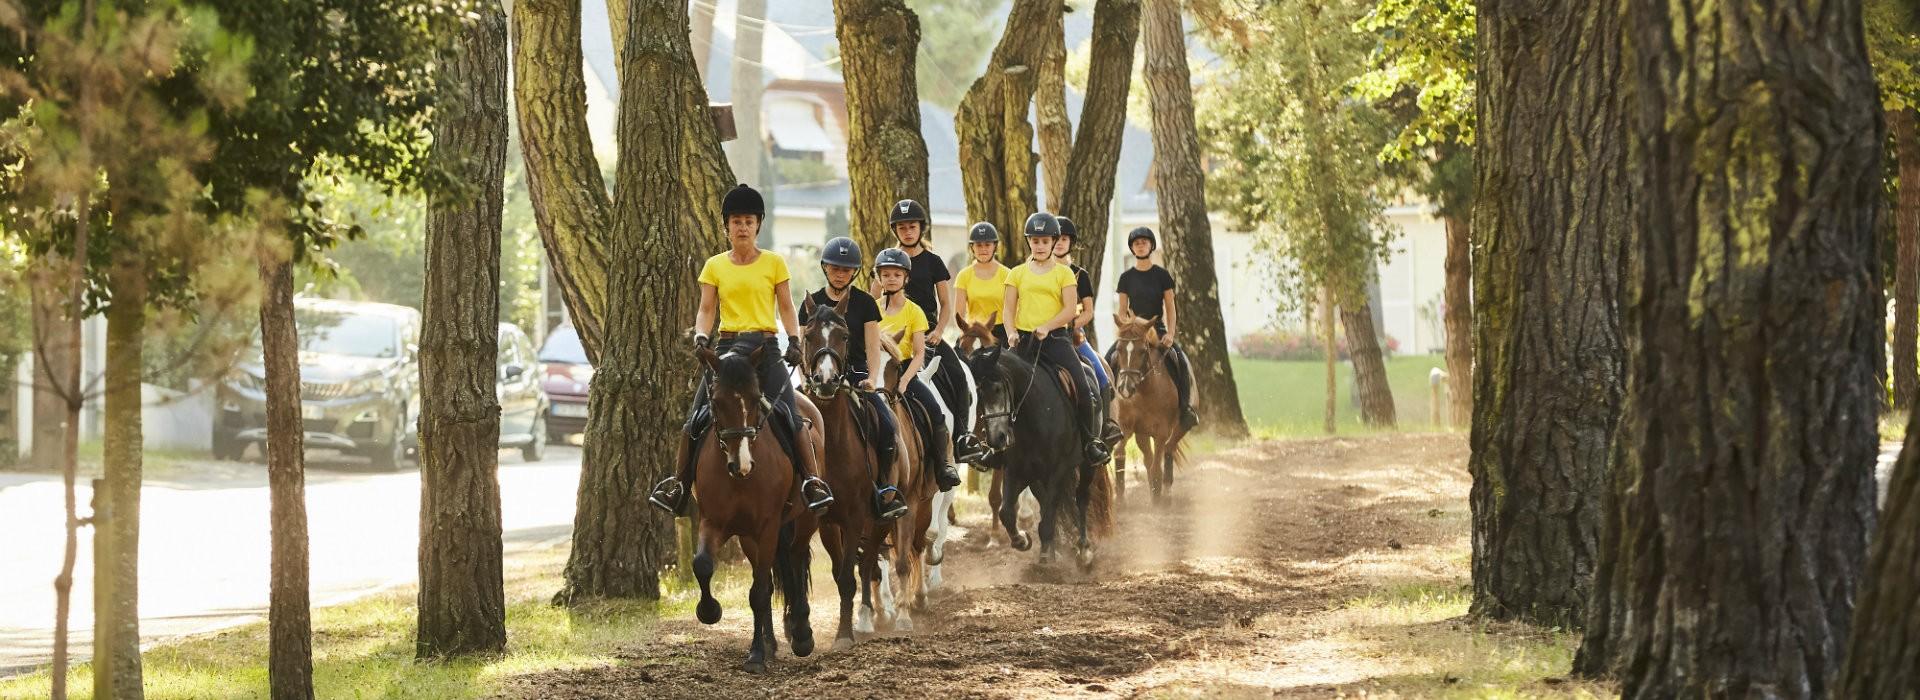 Sports et loisirs à La Baule - Alexandre Lamoureux